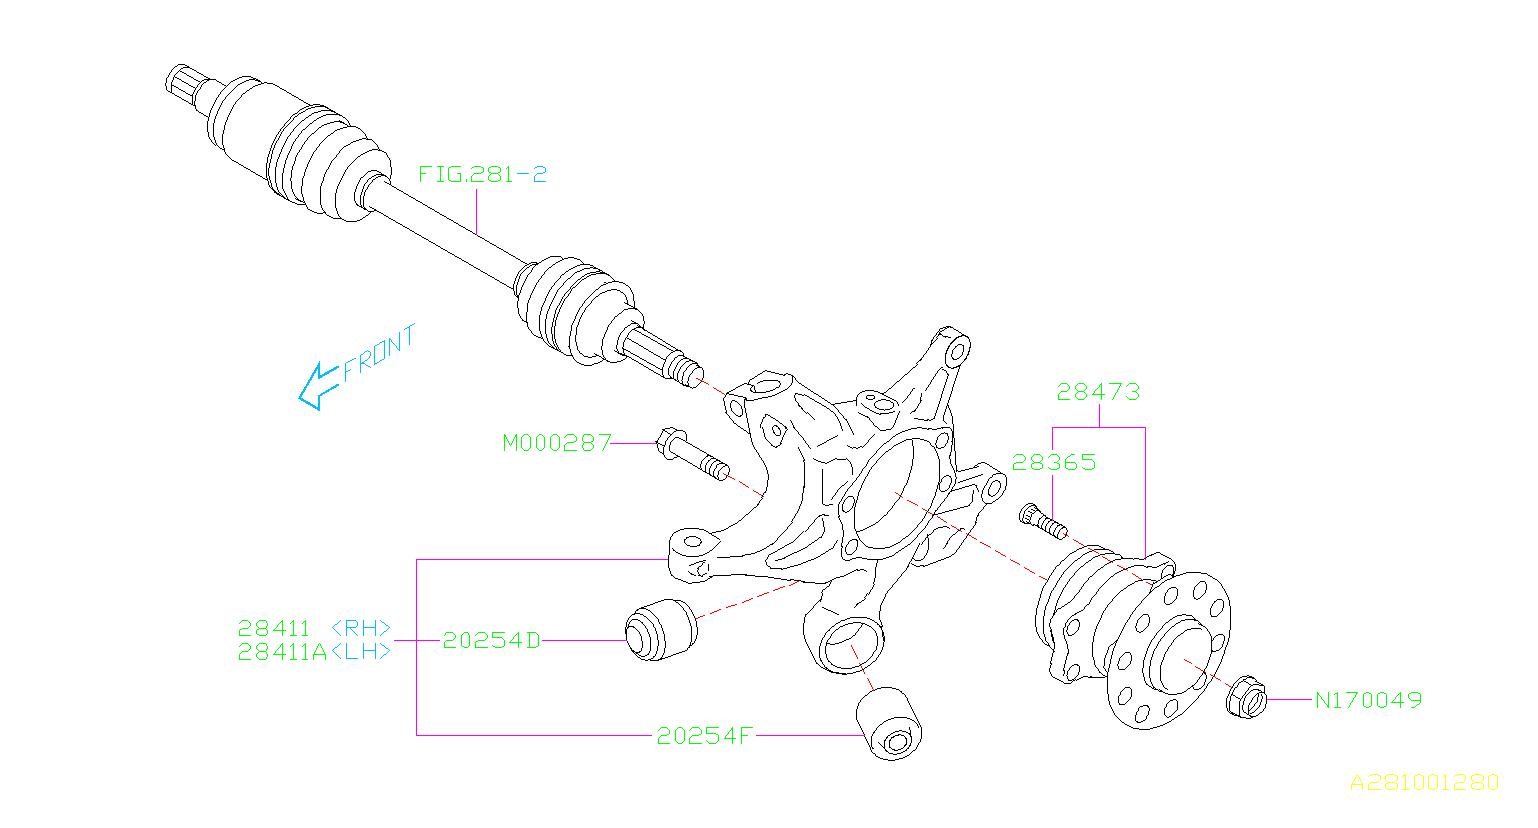 subaru rear suspension parts number diagram